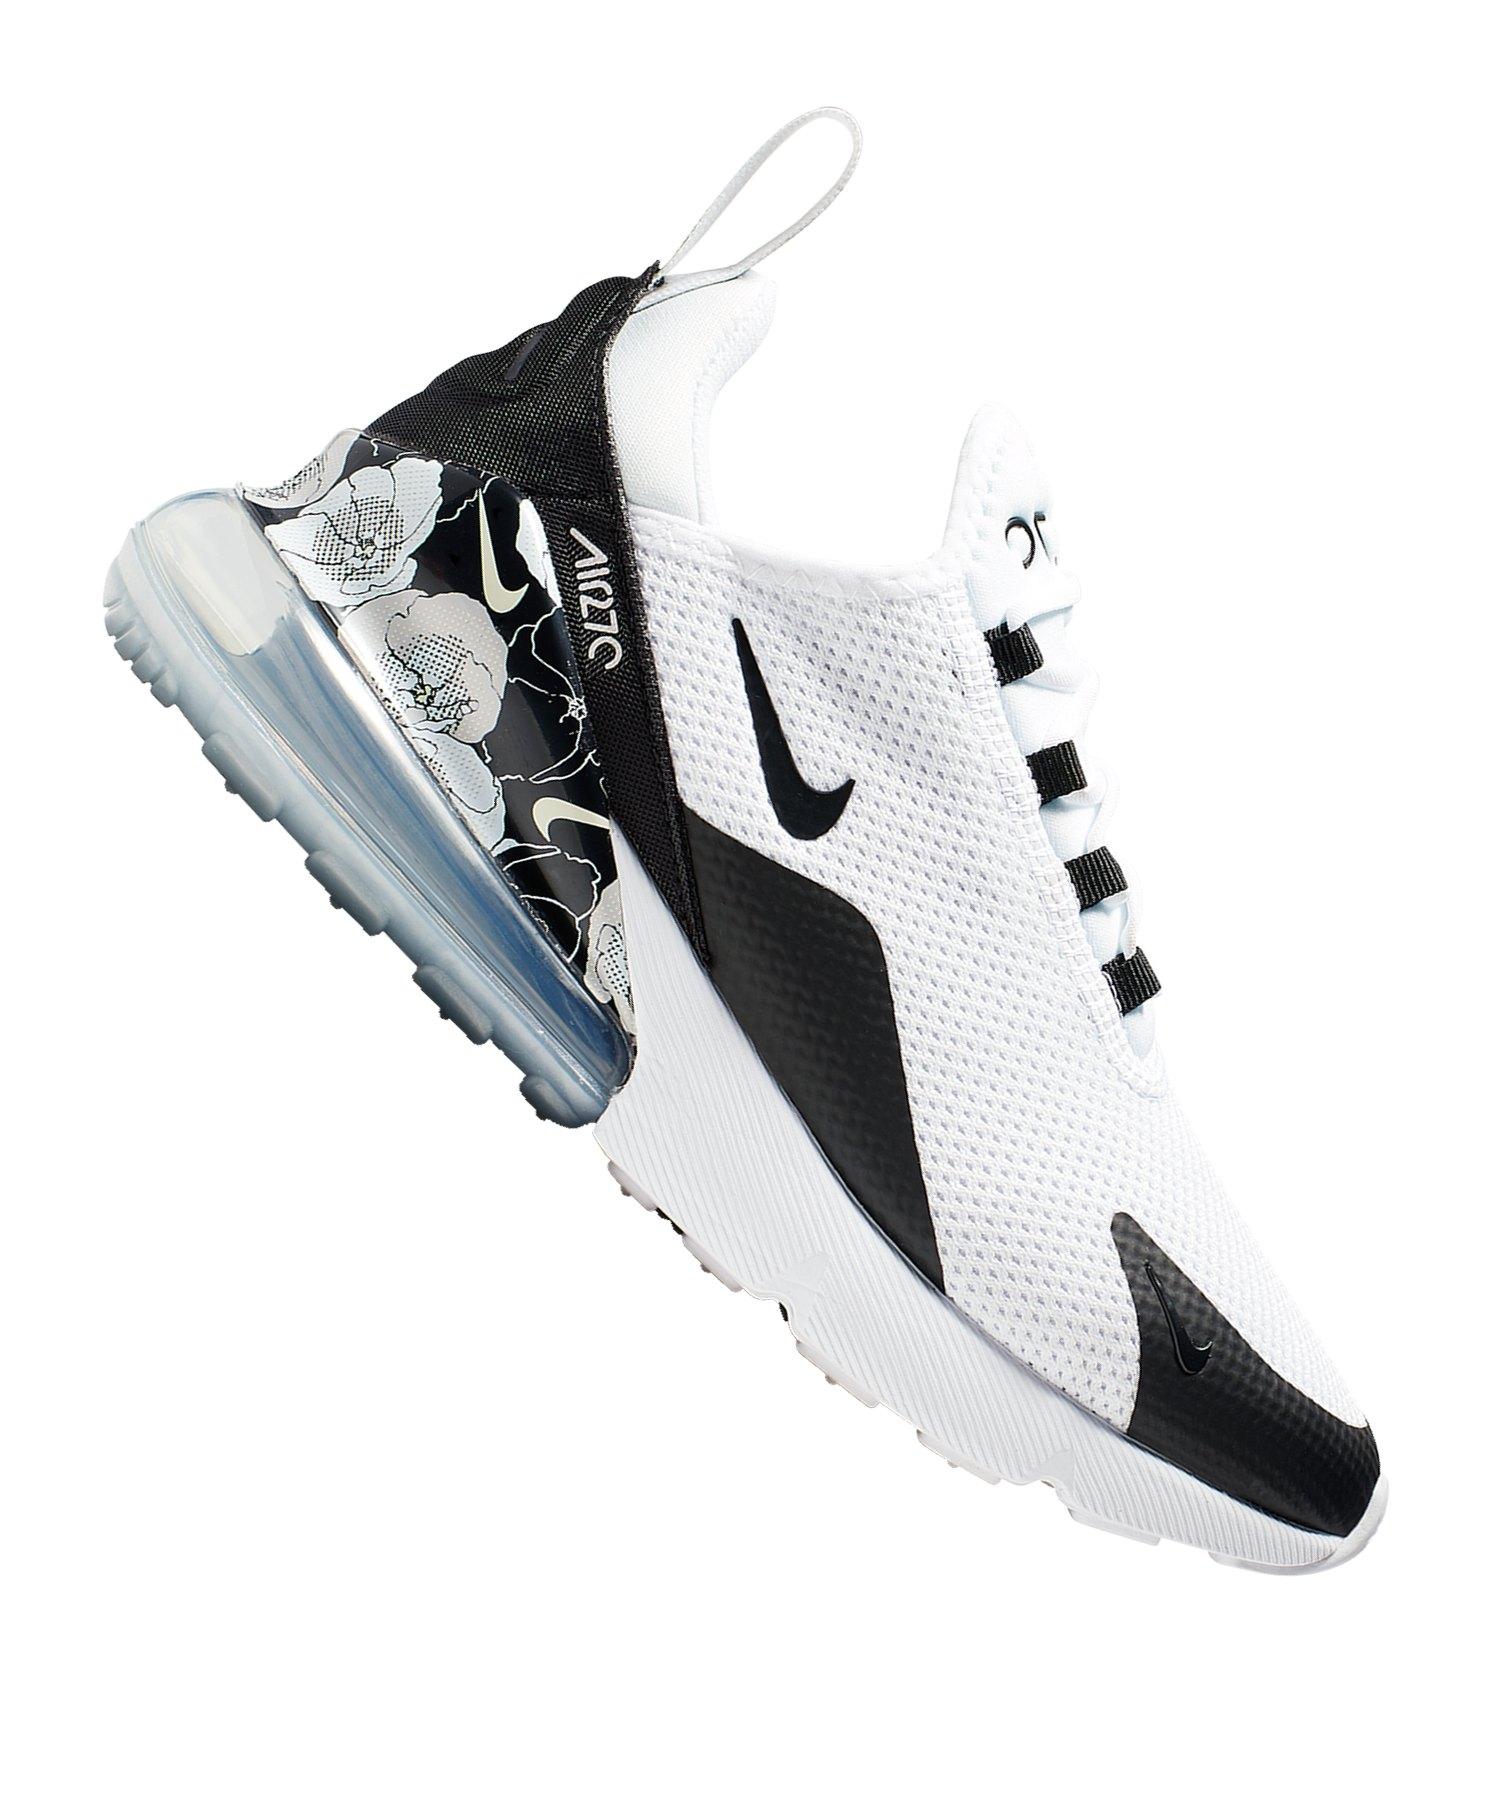 Nike Sportswear Sneaker 'Air Max 270' in schwarz weiß